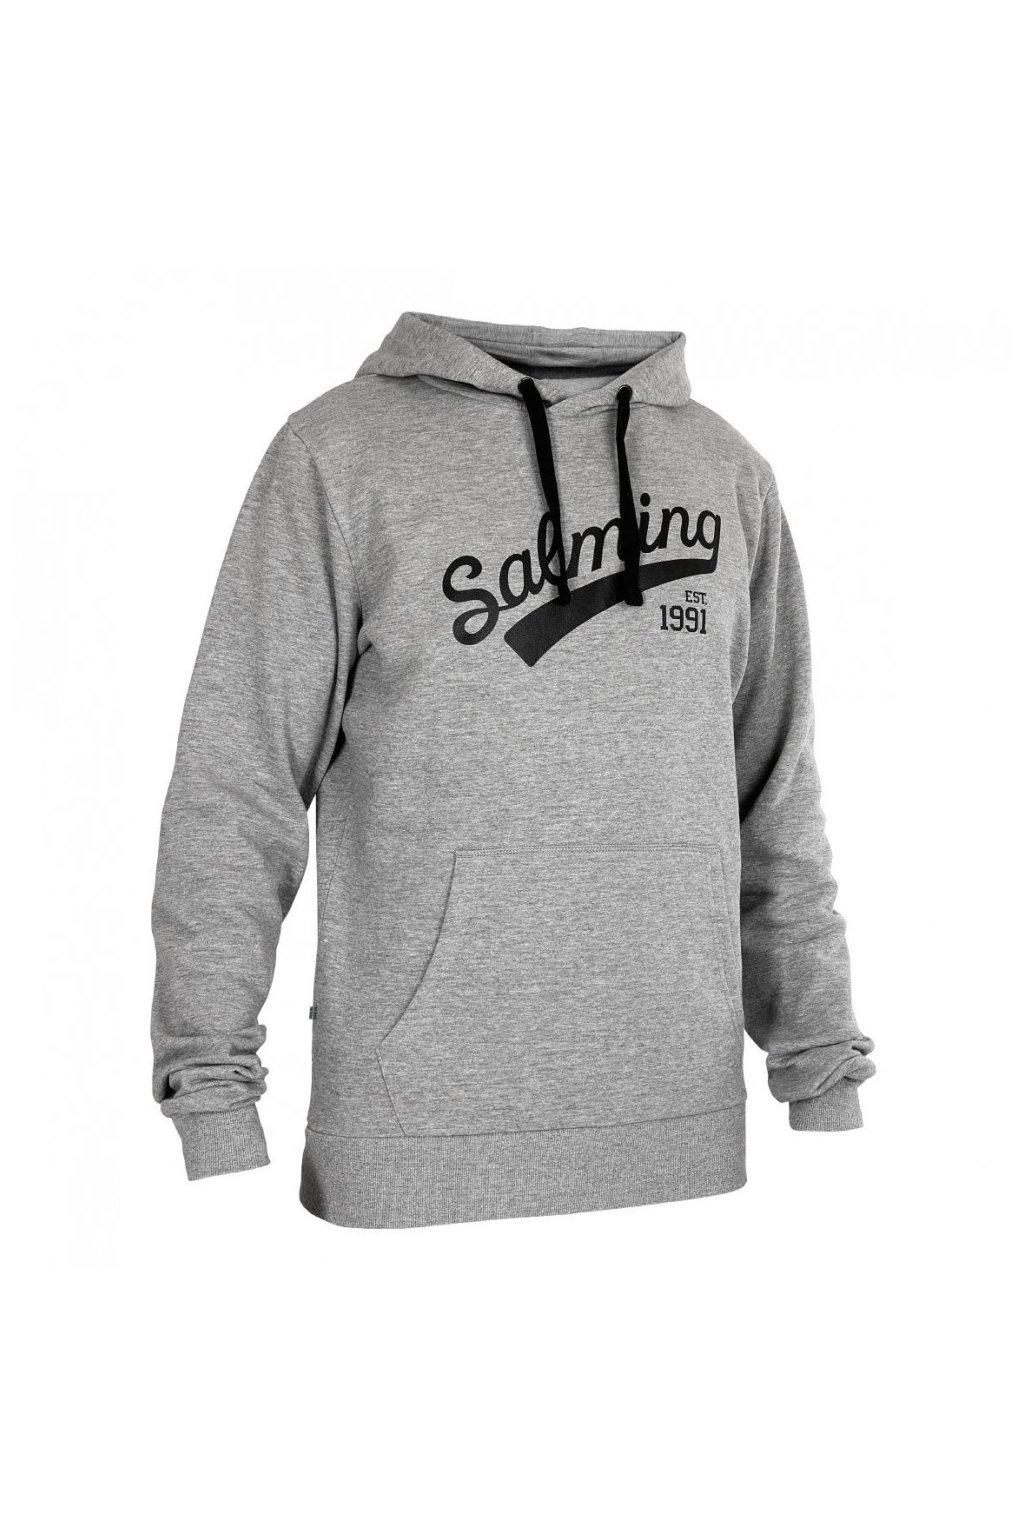 salming logo hood (2)